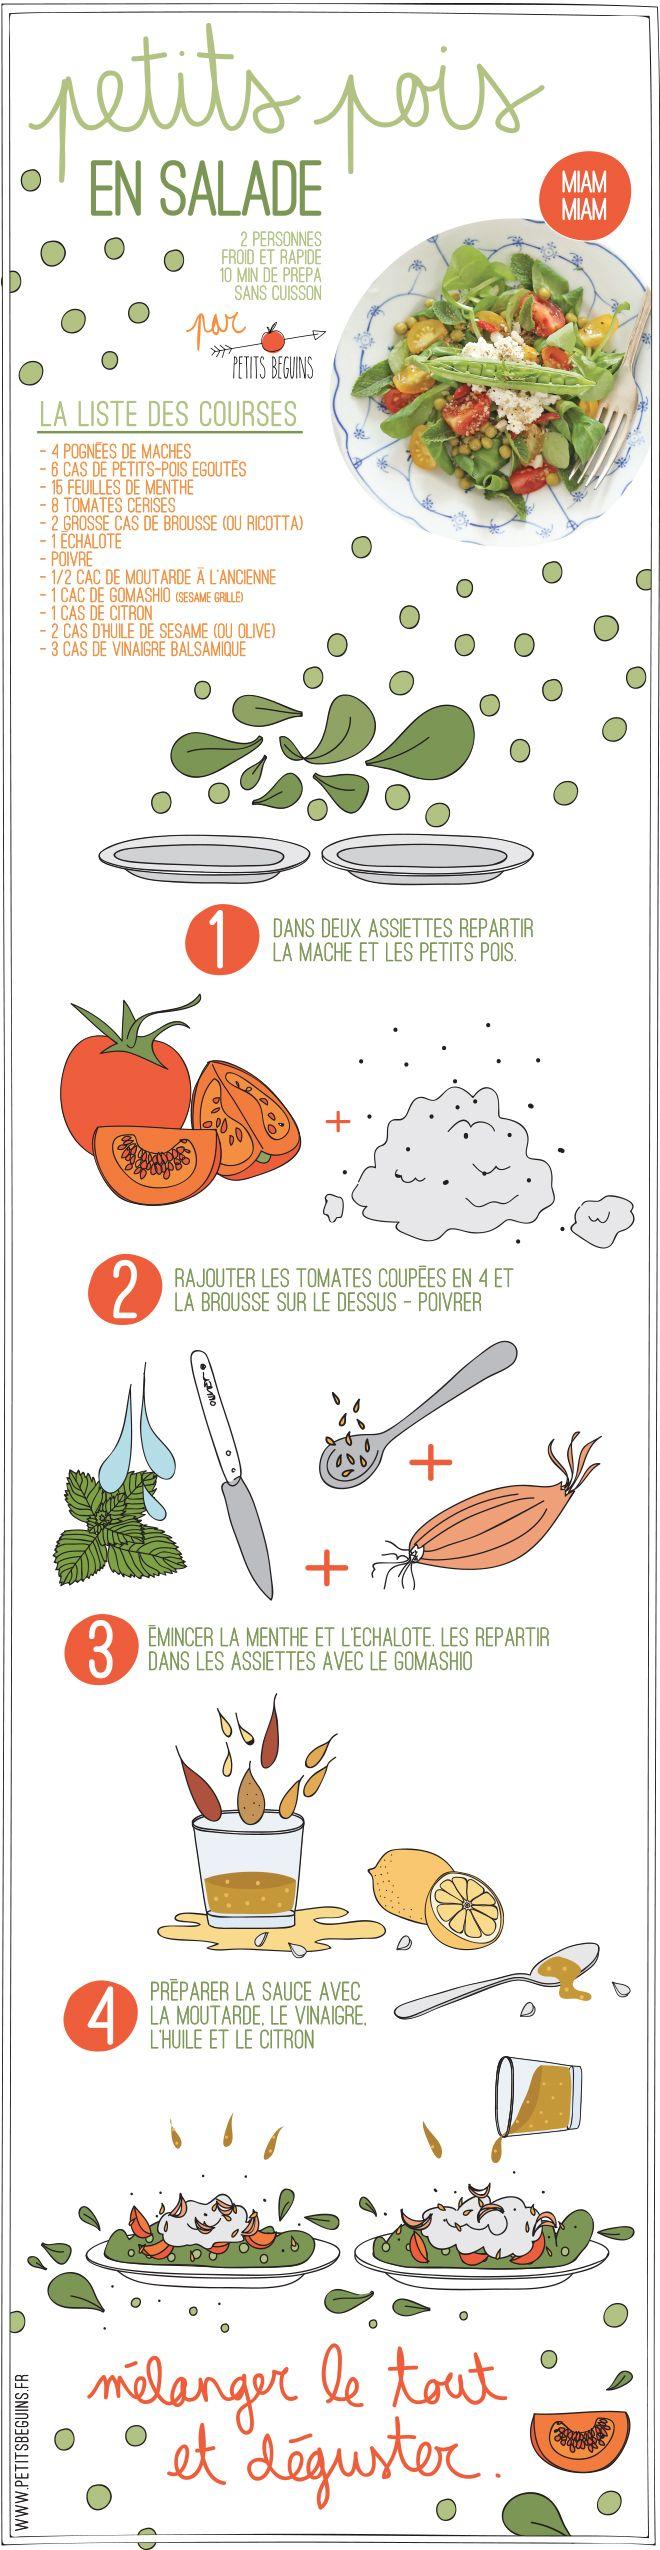 Petits pois en salade les recettes recette recettes de cuisine et salade - Cuisiner petit pois en boite ...